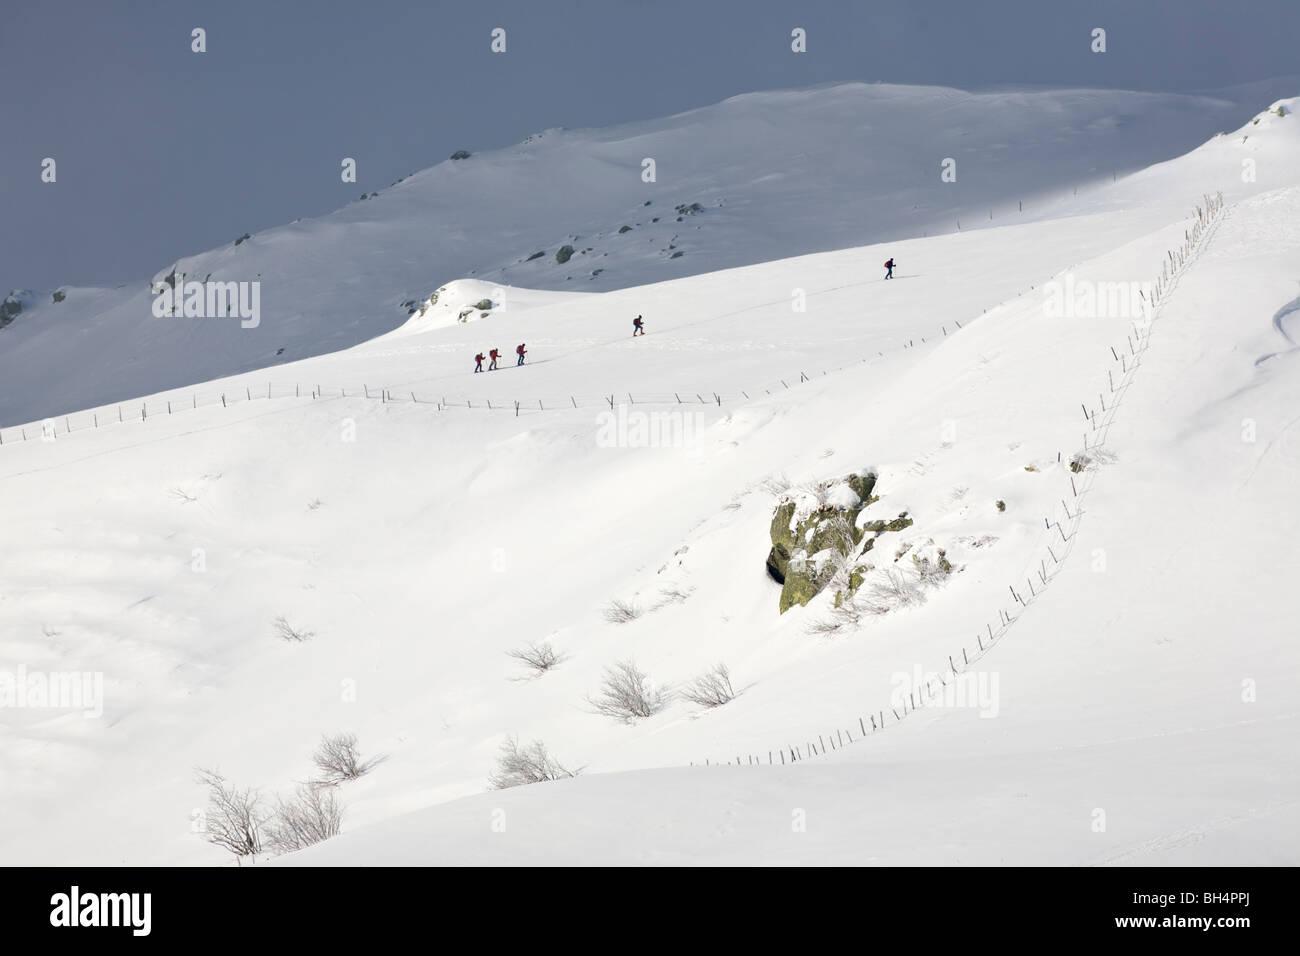 Cinq randonneurs en raquettes à neige dans un paysage d'Auvergne. Cinq promeneurs en raquettes se déplaçant Photo Stock